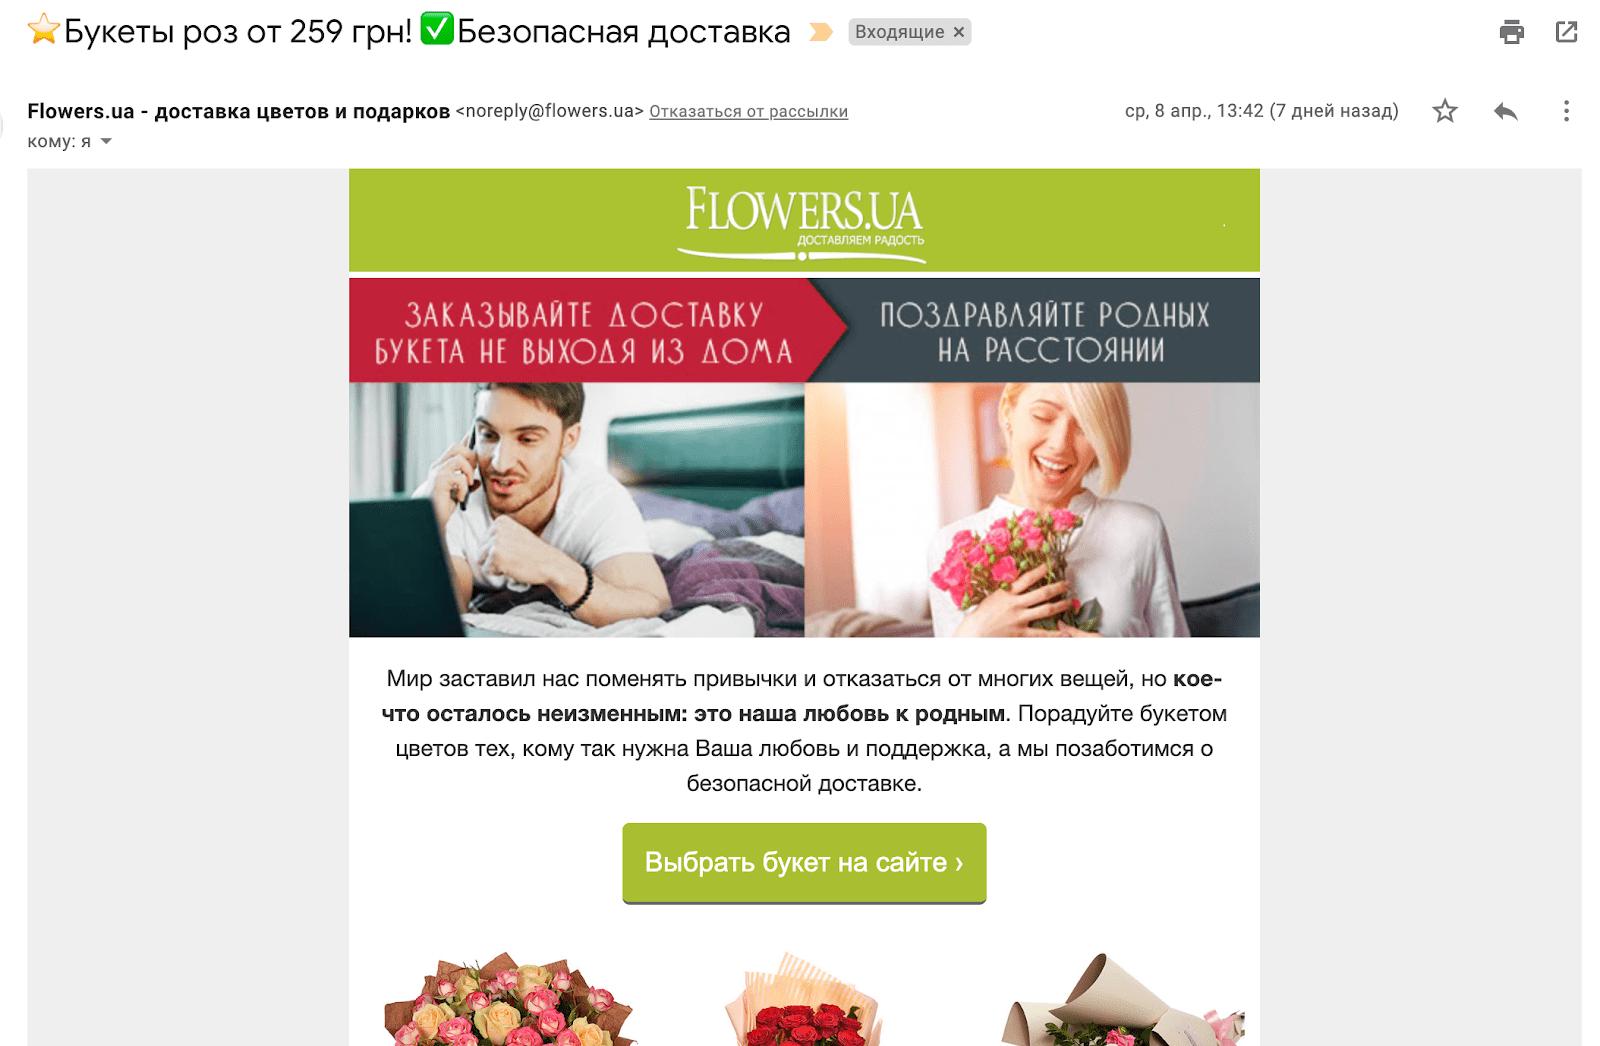 Письмо из магазина цветов — скидка на цветы и информация о безопасной доставке